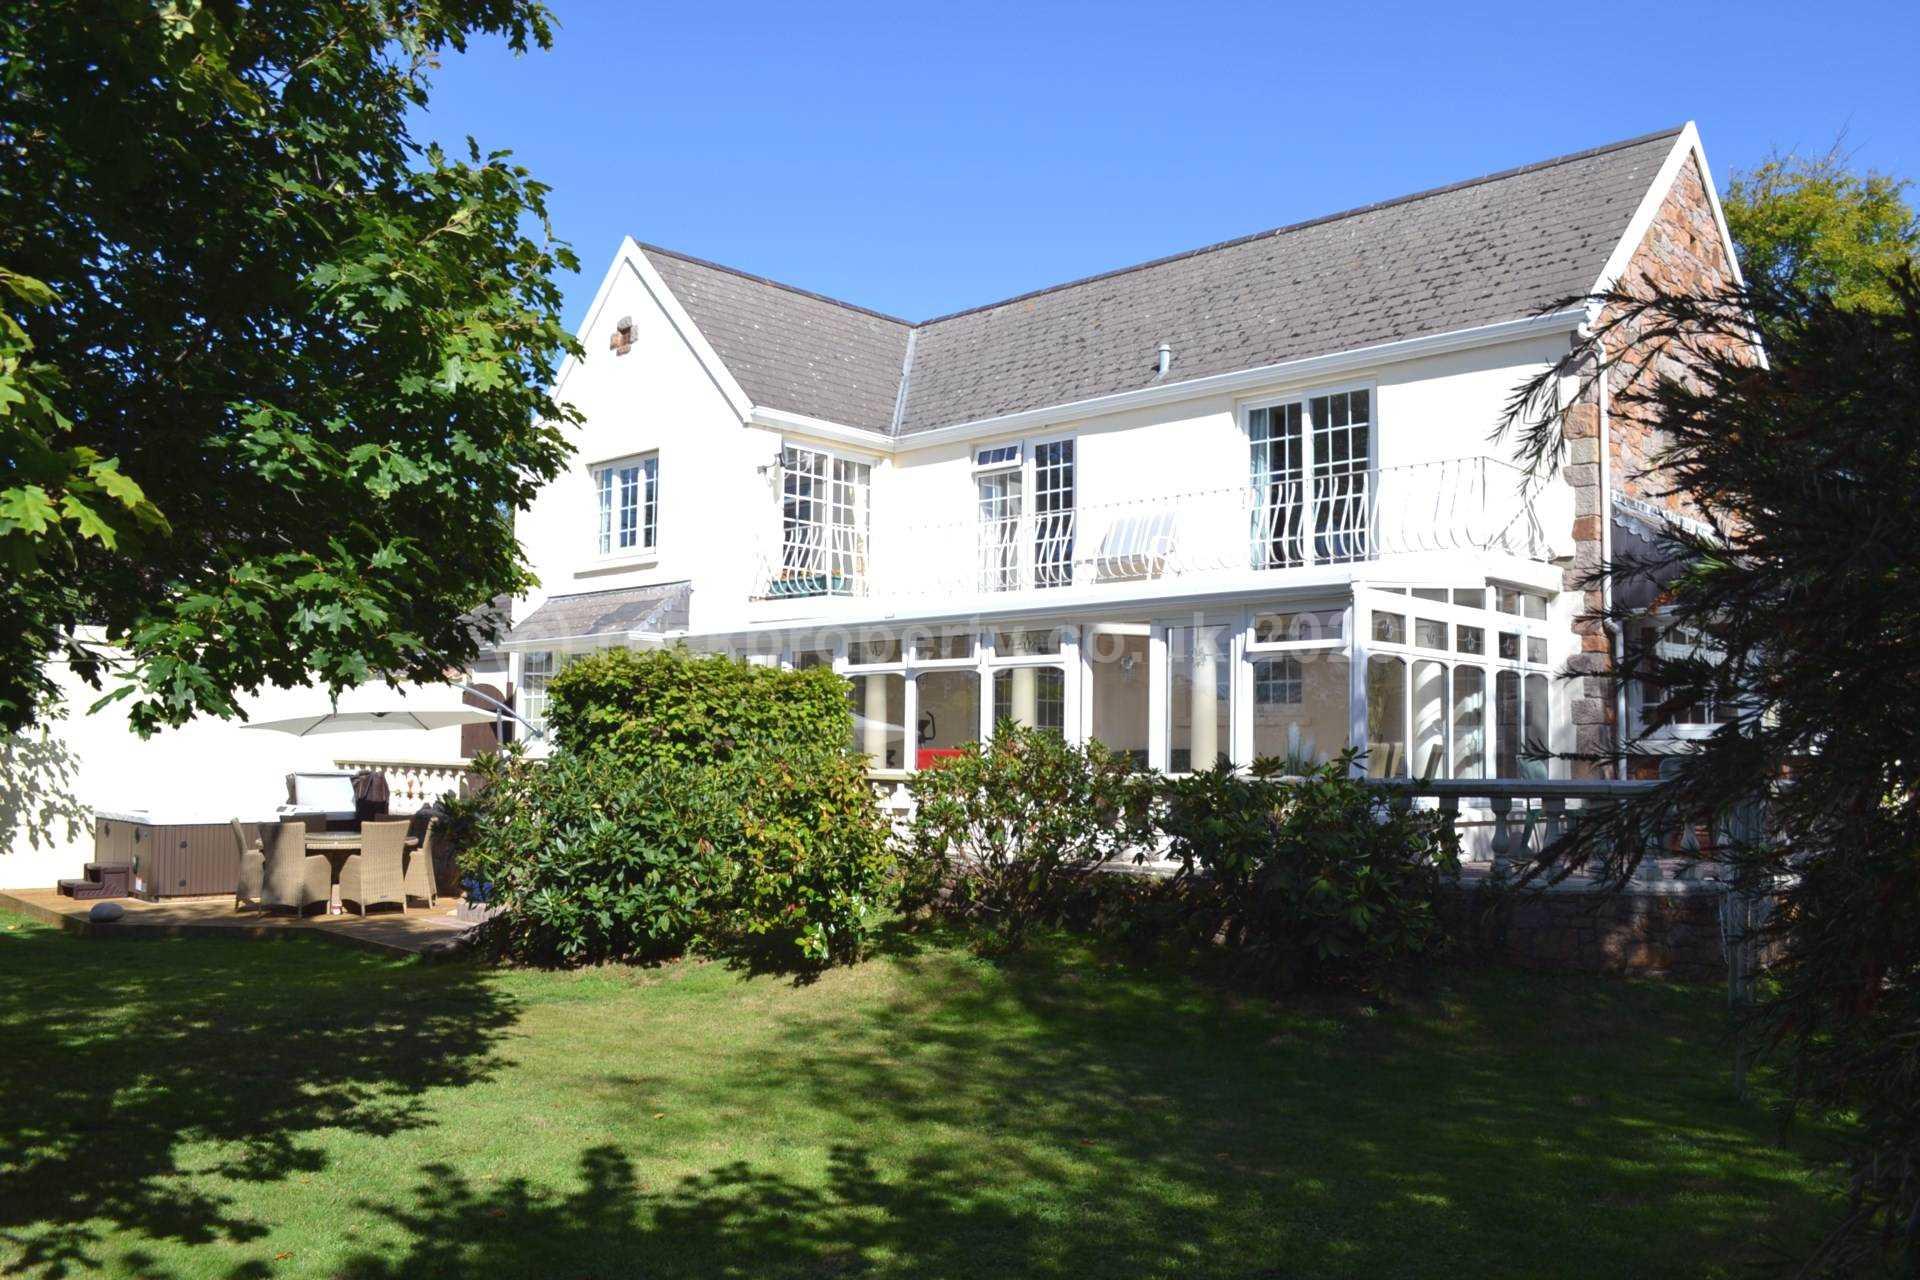 Rockproperty Ltd - 4 Bedroom Farm House, Rue De La Blanche Pierre, St Lawrence